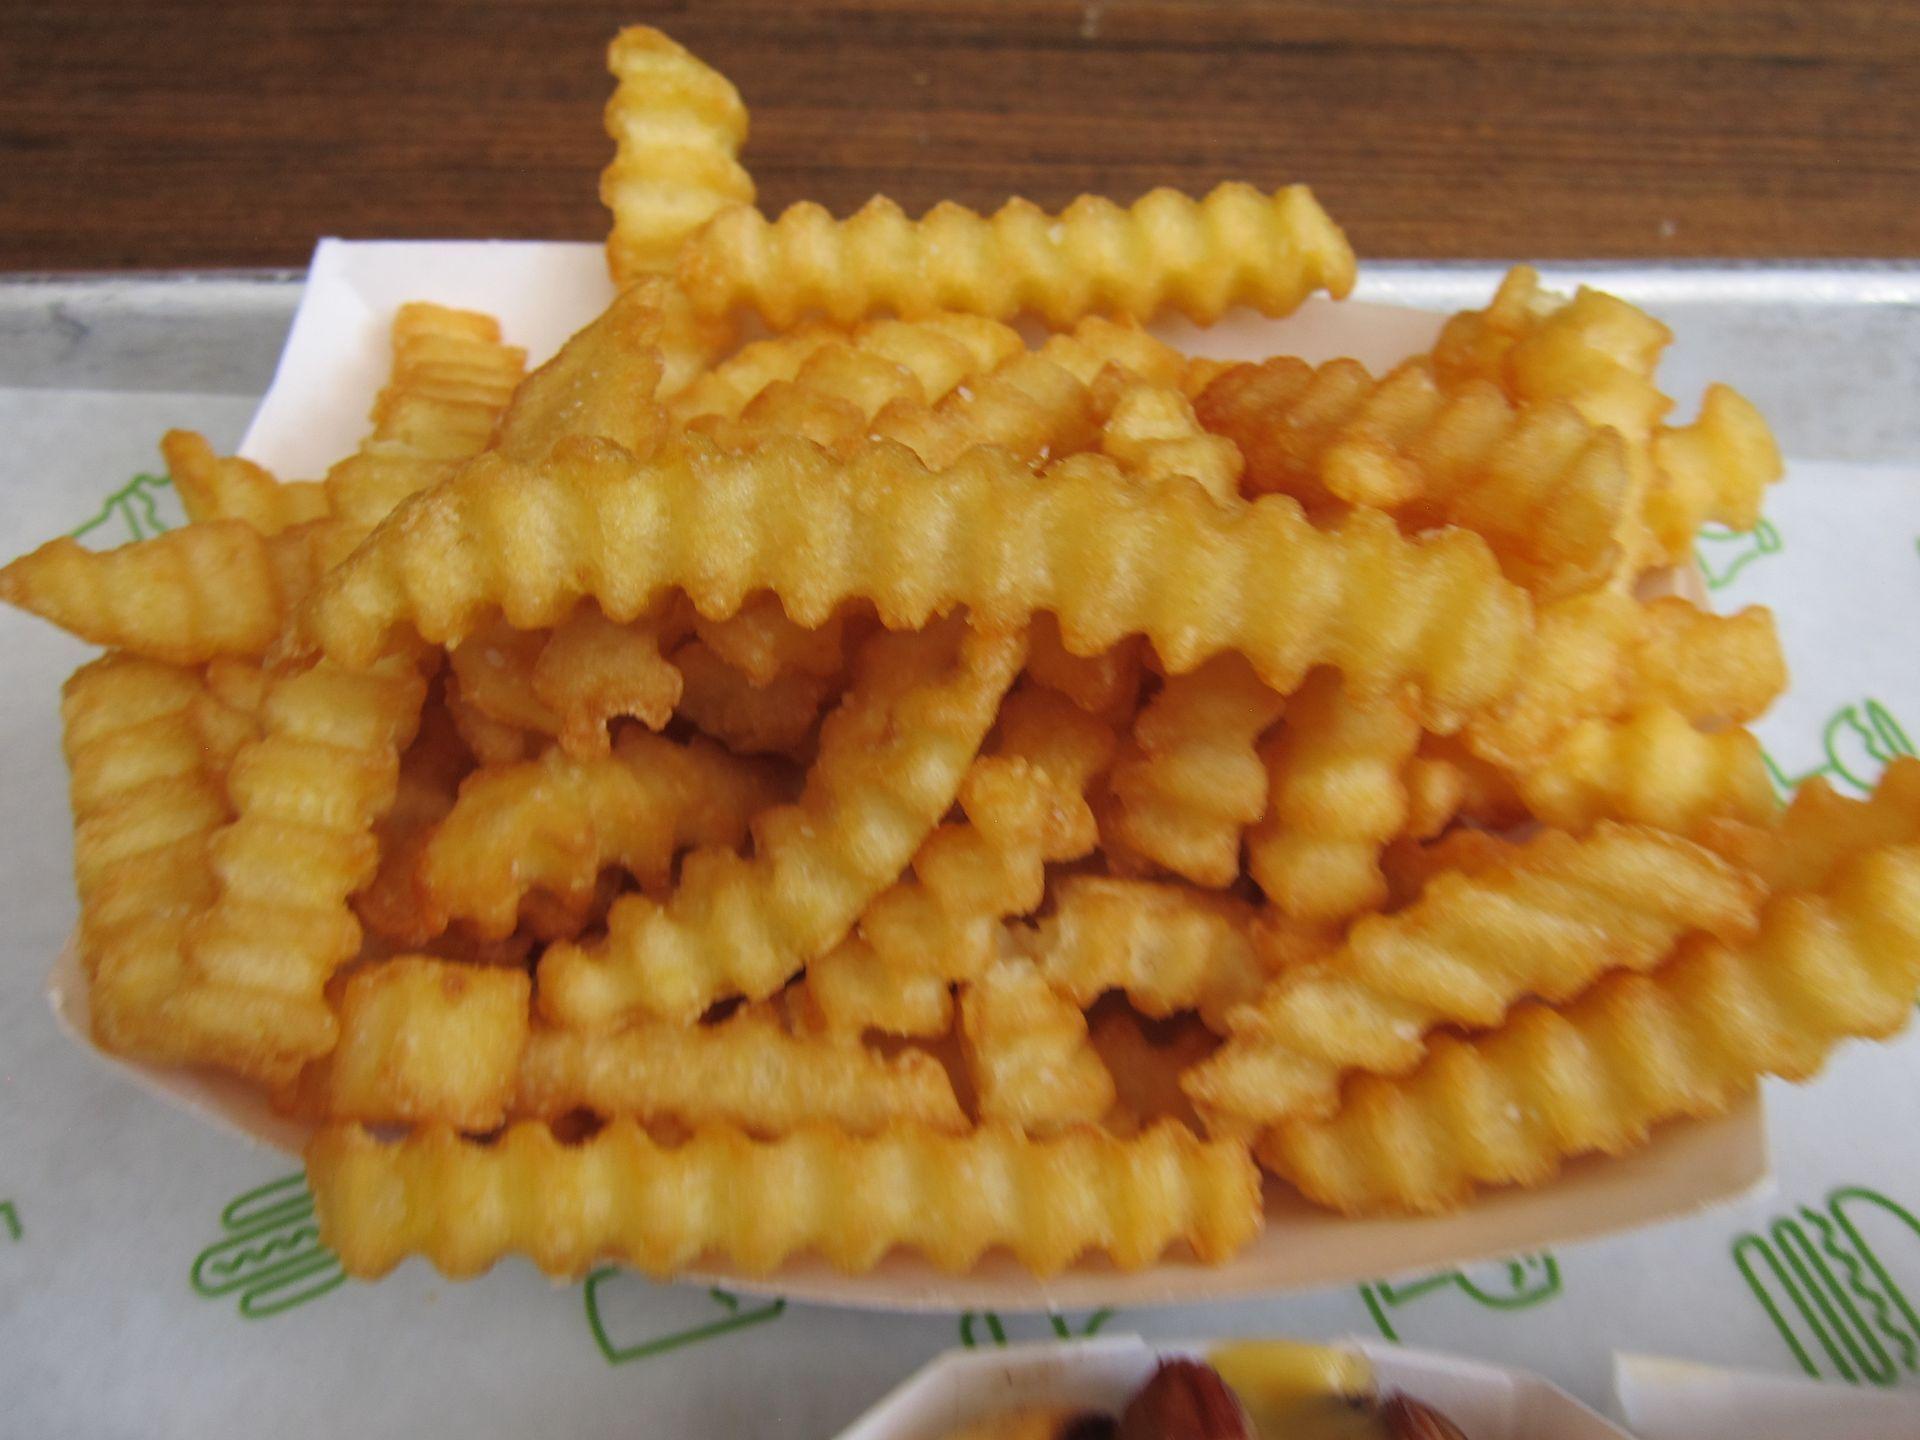 Crinkle Cut Fries